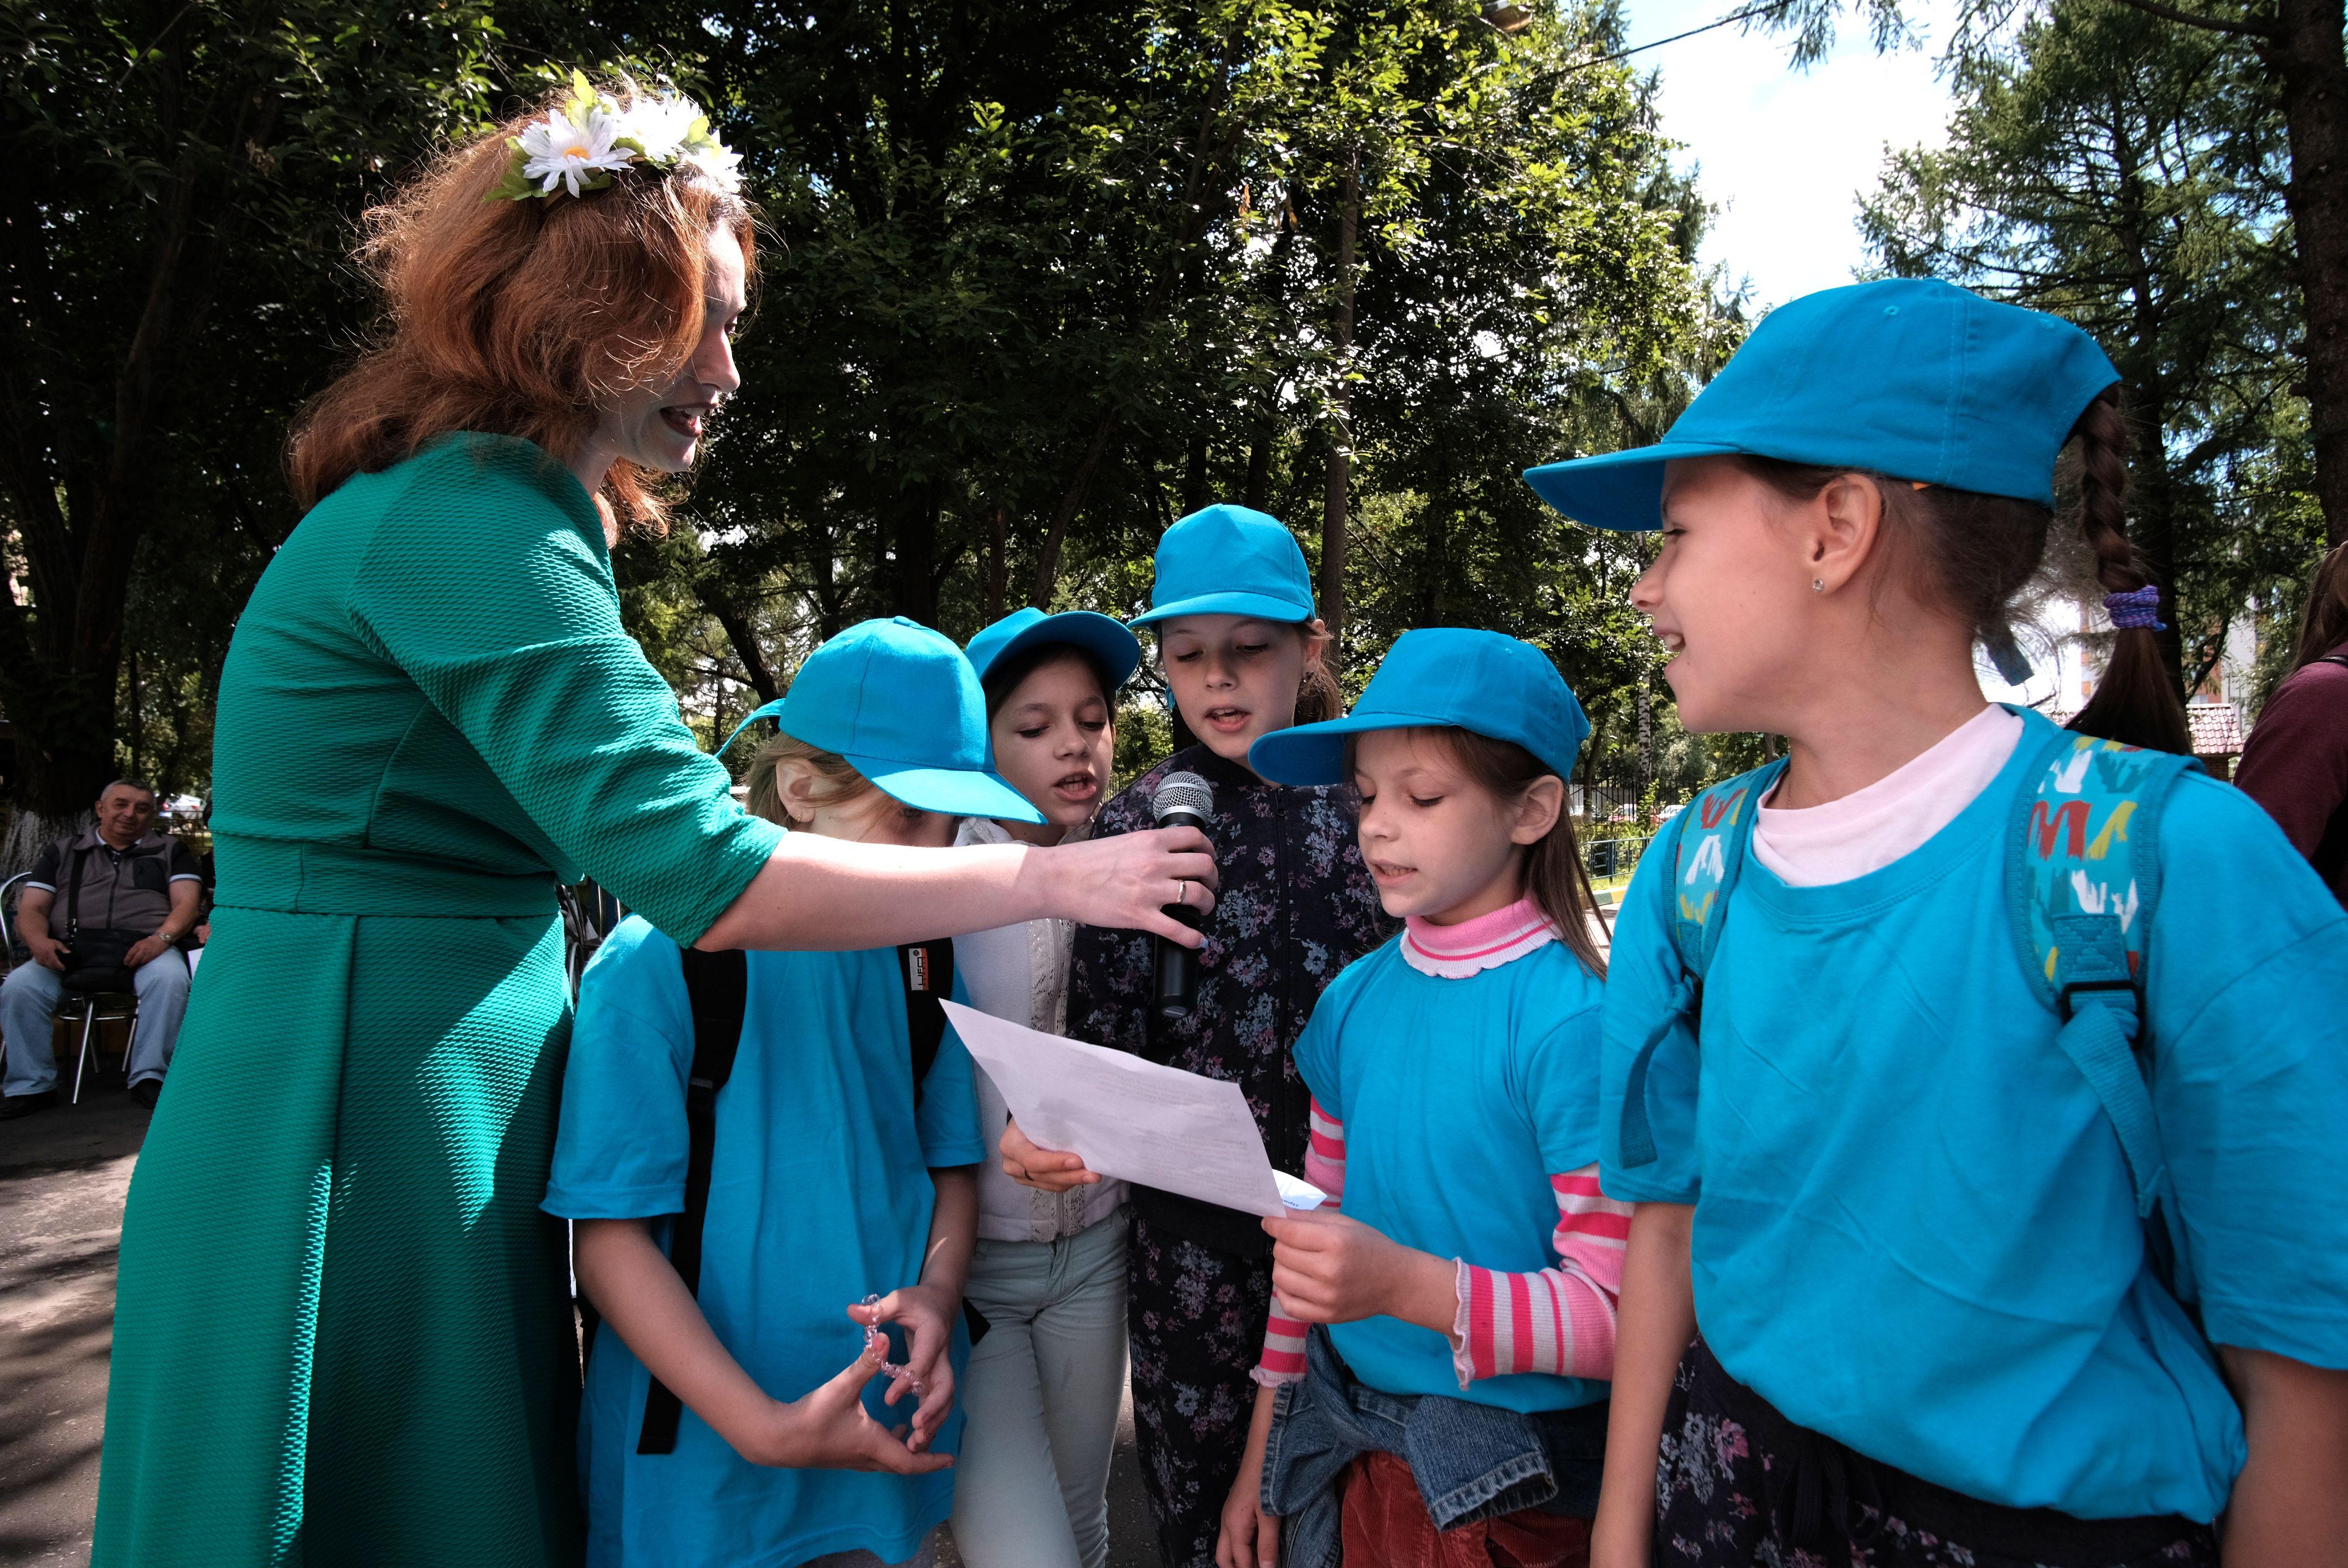 Программу дополнило участие в народных играх. Фото: Максим Аносов